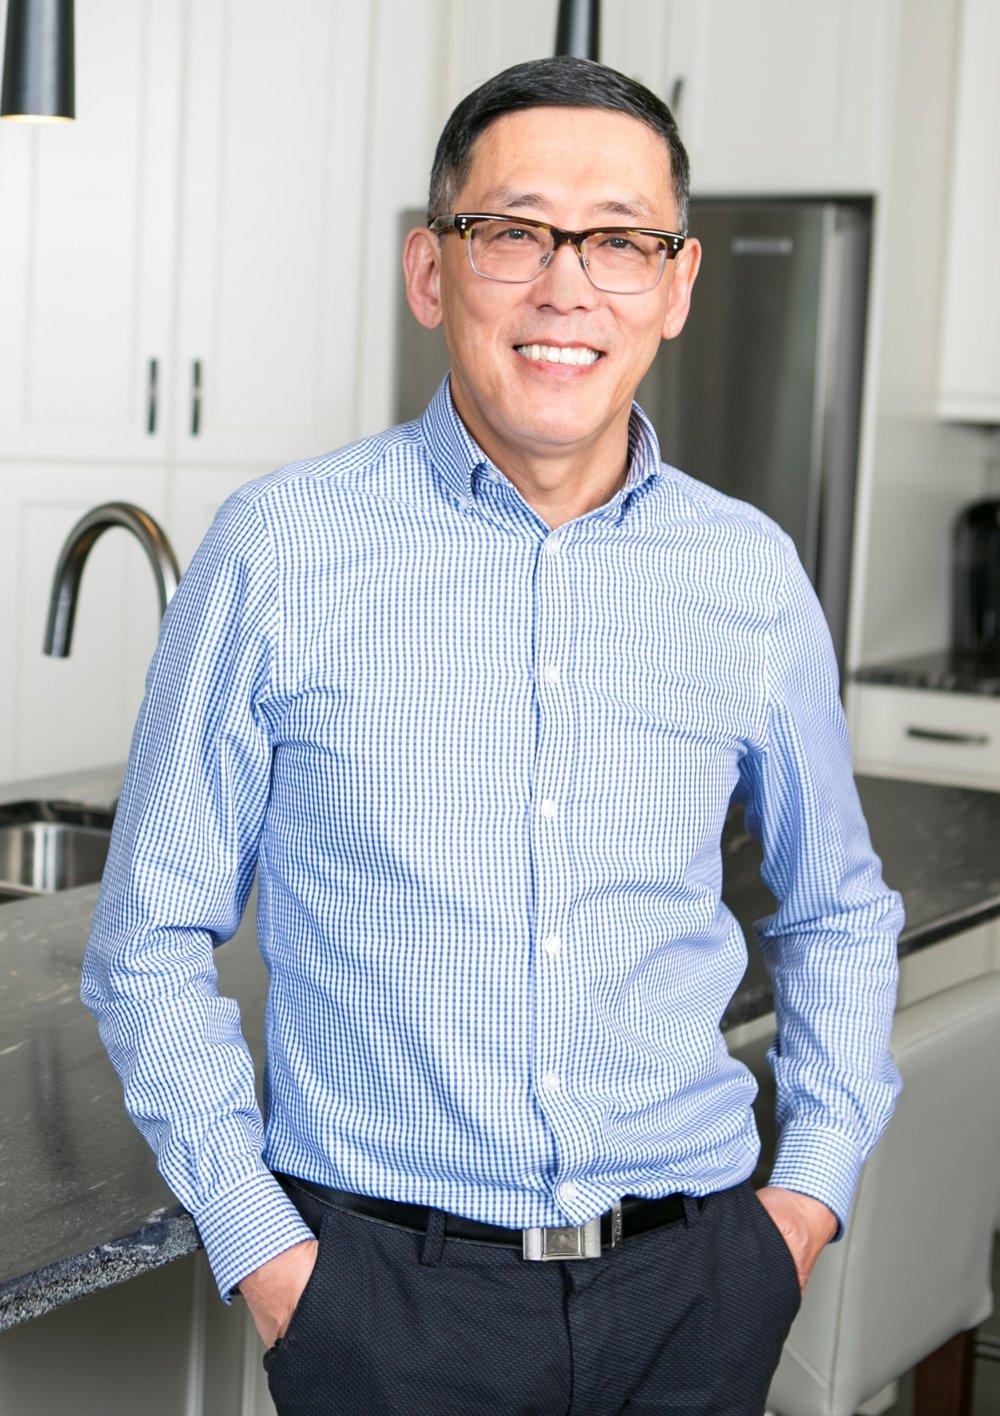 - 林先生在香港出生并在阿尔伯塔大学(University of Alberta) 接受教育,于1991年开始他的房地产事业,在知名本地地产机构从业,累积了超过25年的房地产业经验,现已成为加拿大销售业绩排名前5%的地产经纪。林先生非常熟悉本地的地区和文化,并已成为在加拿大的销售等方面的专家,其卓越服务深得公司及客户的认同。同时配备有房屋装修,银行按揭等的一条龙的专业服务团队。林先生精通粤语、 普通话及英语,期望竭诚为您服务。